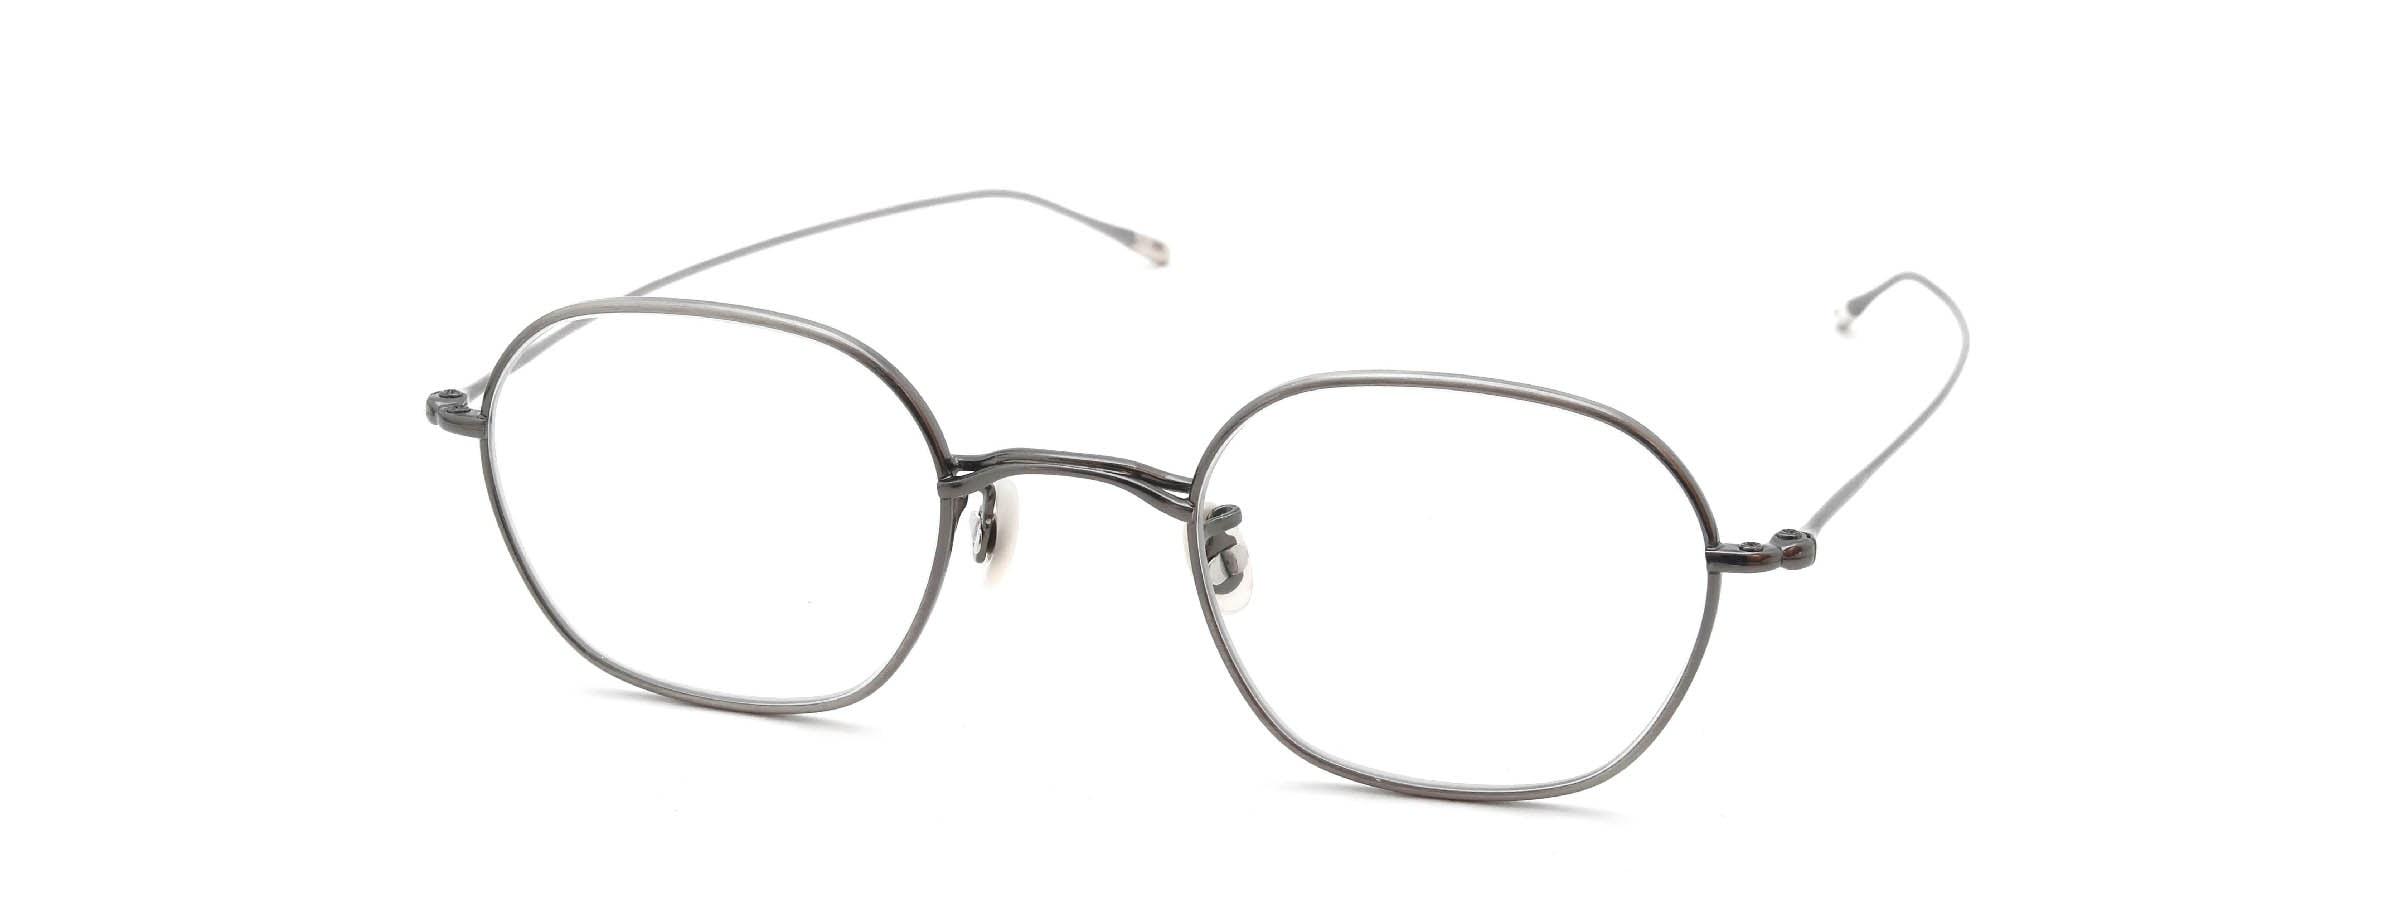 10 eyevan NO.2 5S-CL Pewter全体像